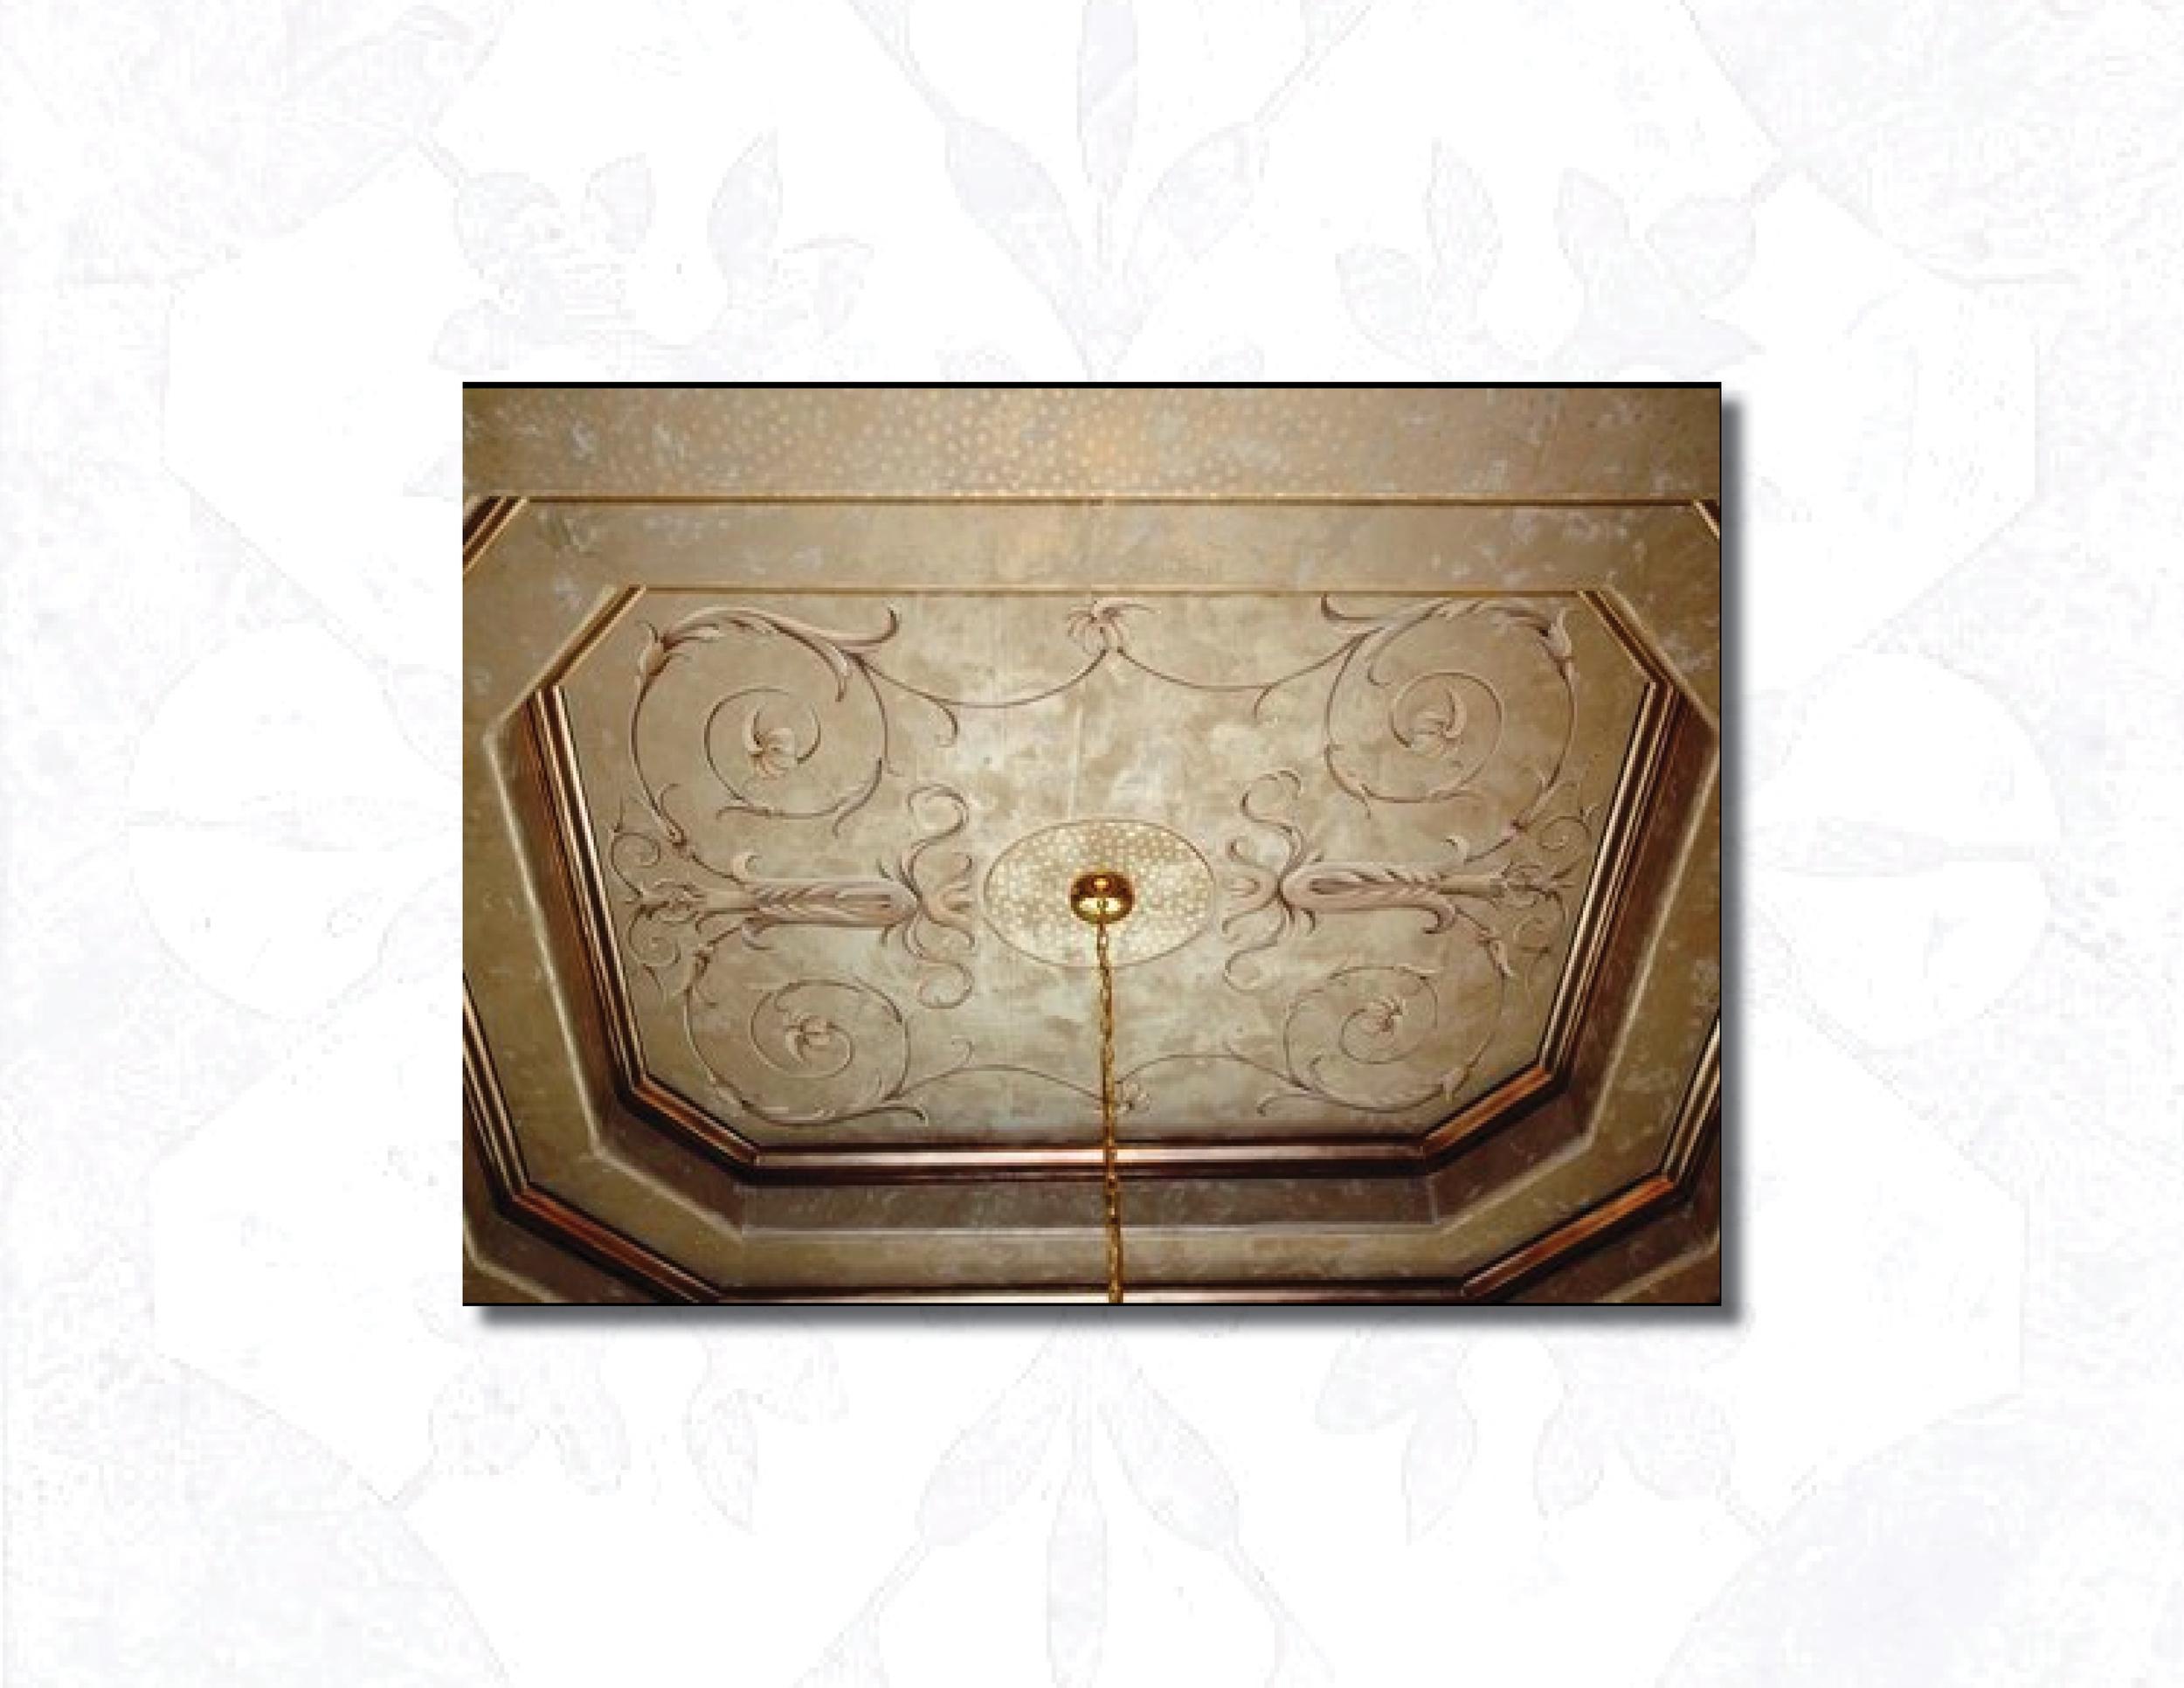 champainge ceiling.jpg